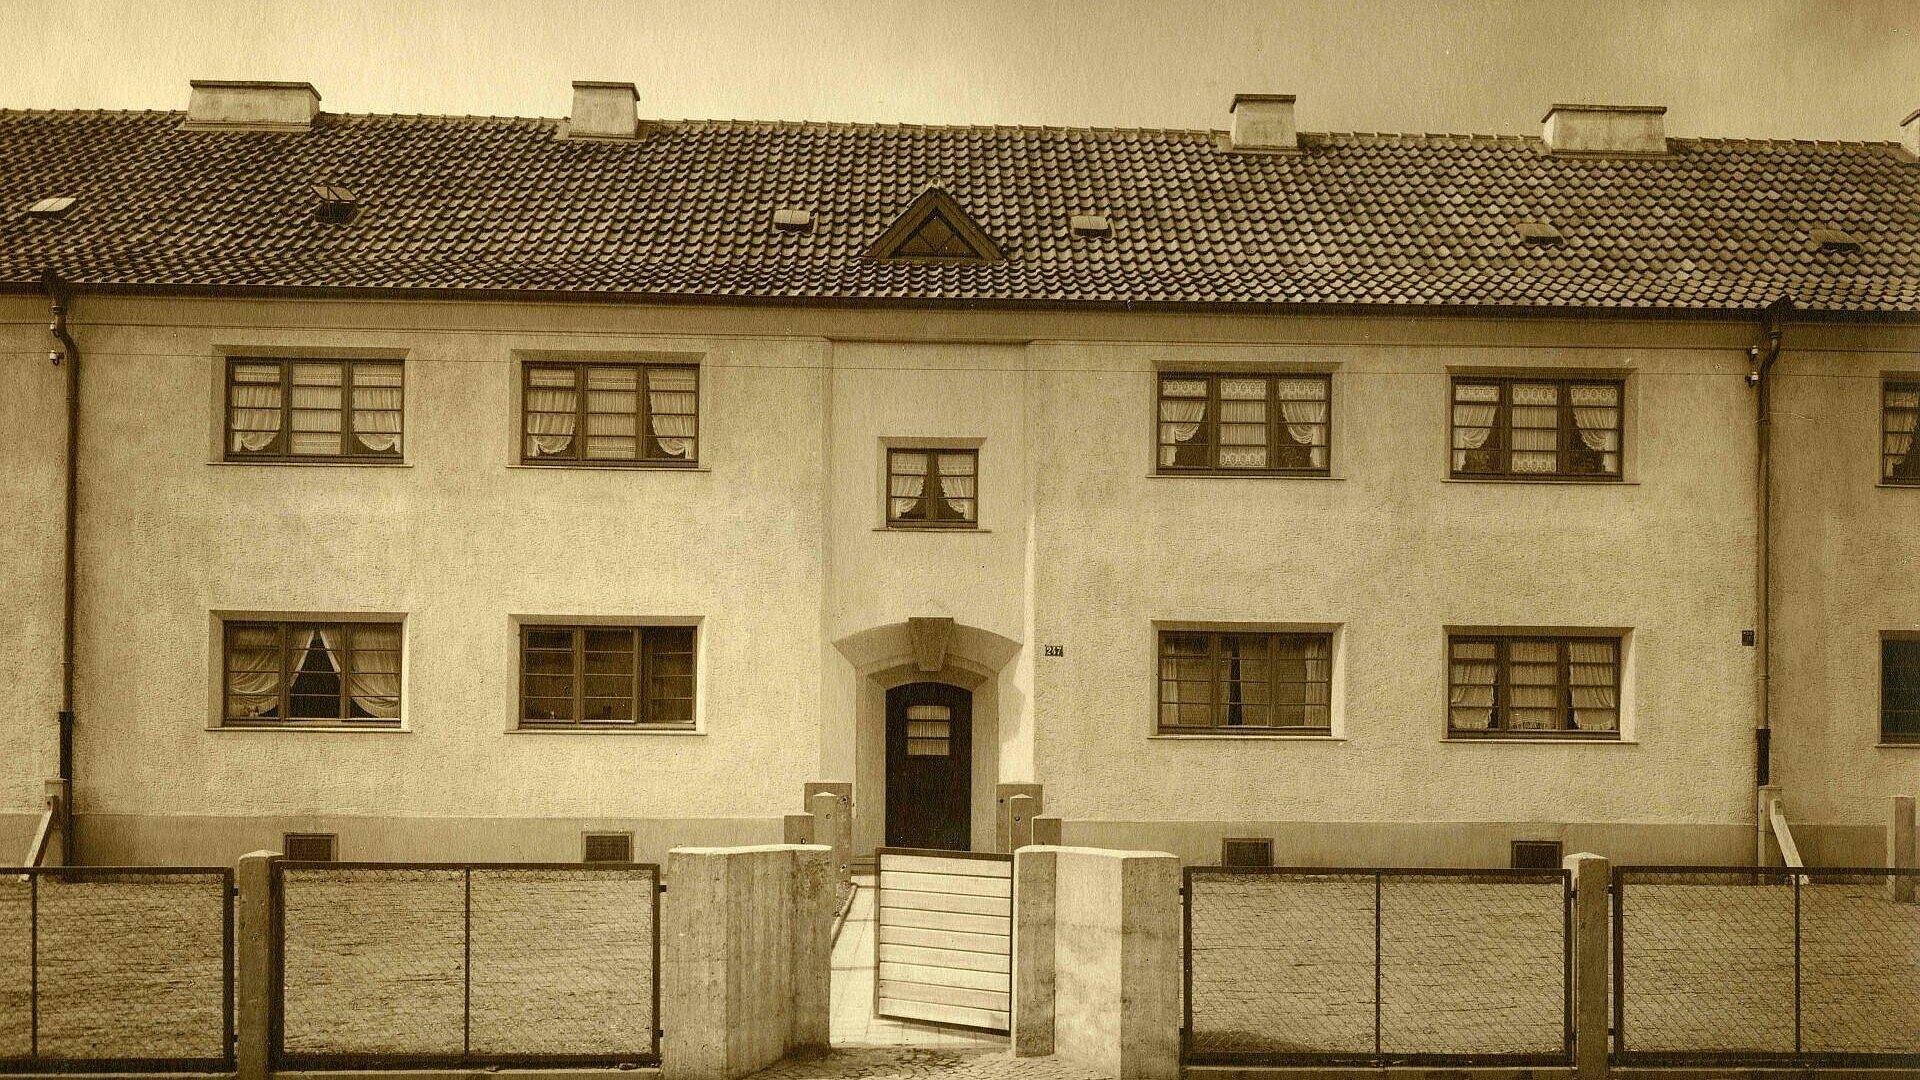 Historisches Foto von den Fenstern eines Hauses der Nibelungensiedlung in Mauenheim